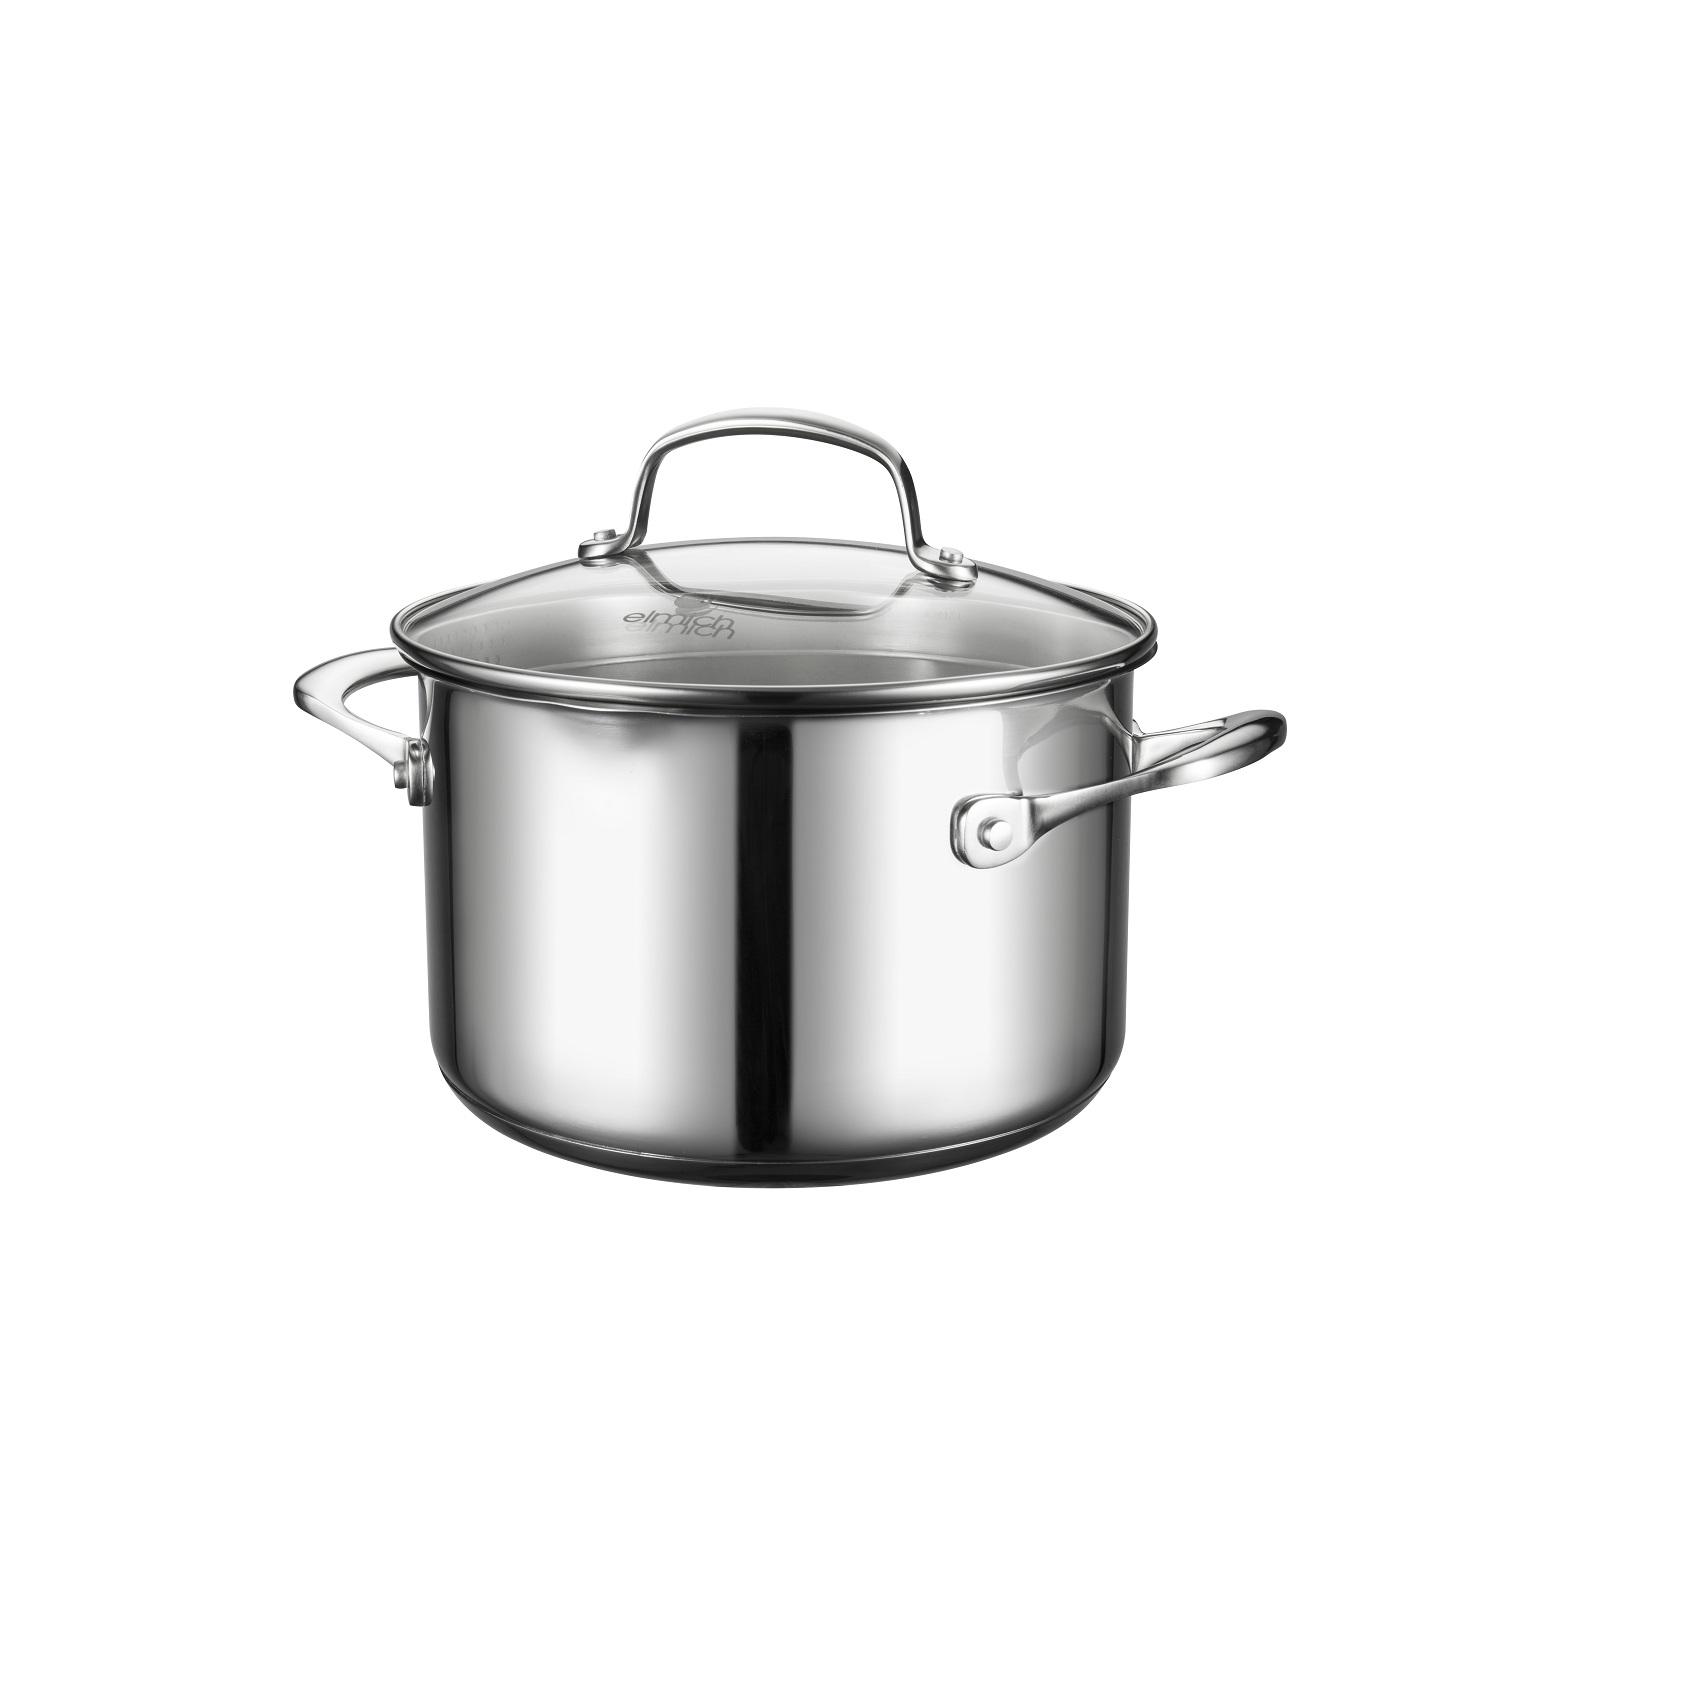 Bộ nồi chảo inox Elmich Premium EL-3134 có nồi 20 cm giúp bạn nấu nướng dễ dàng hơn